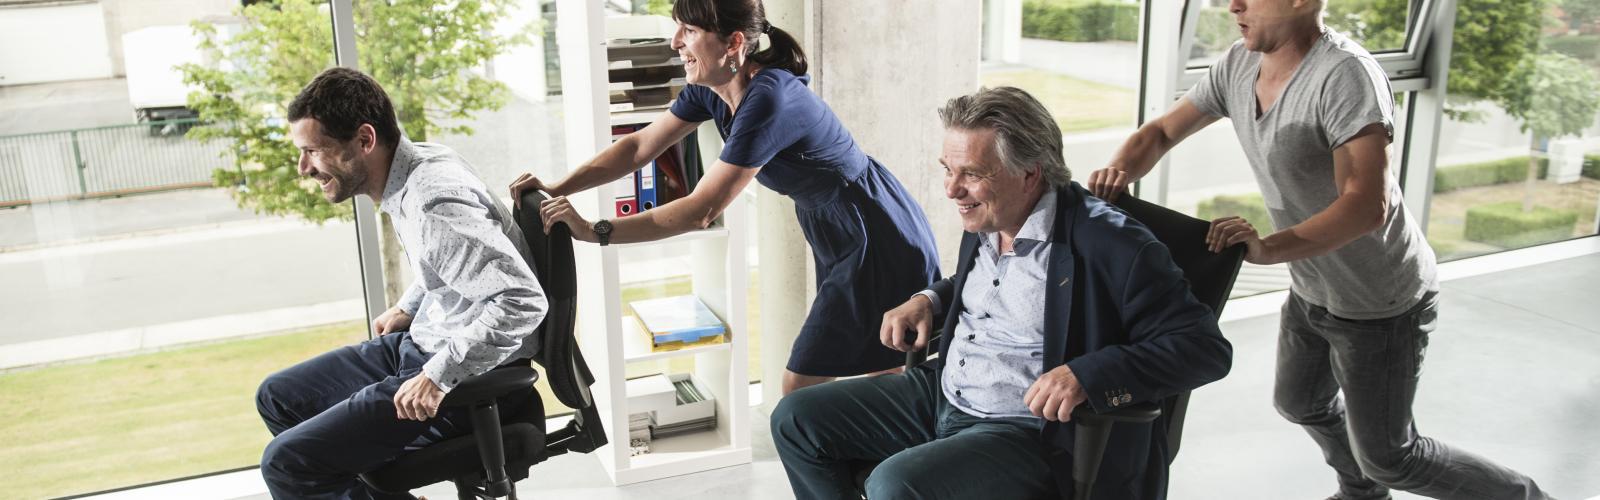 collega's maken plezier race met bureaustoelen